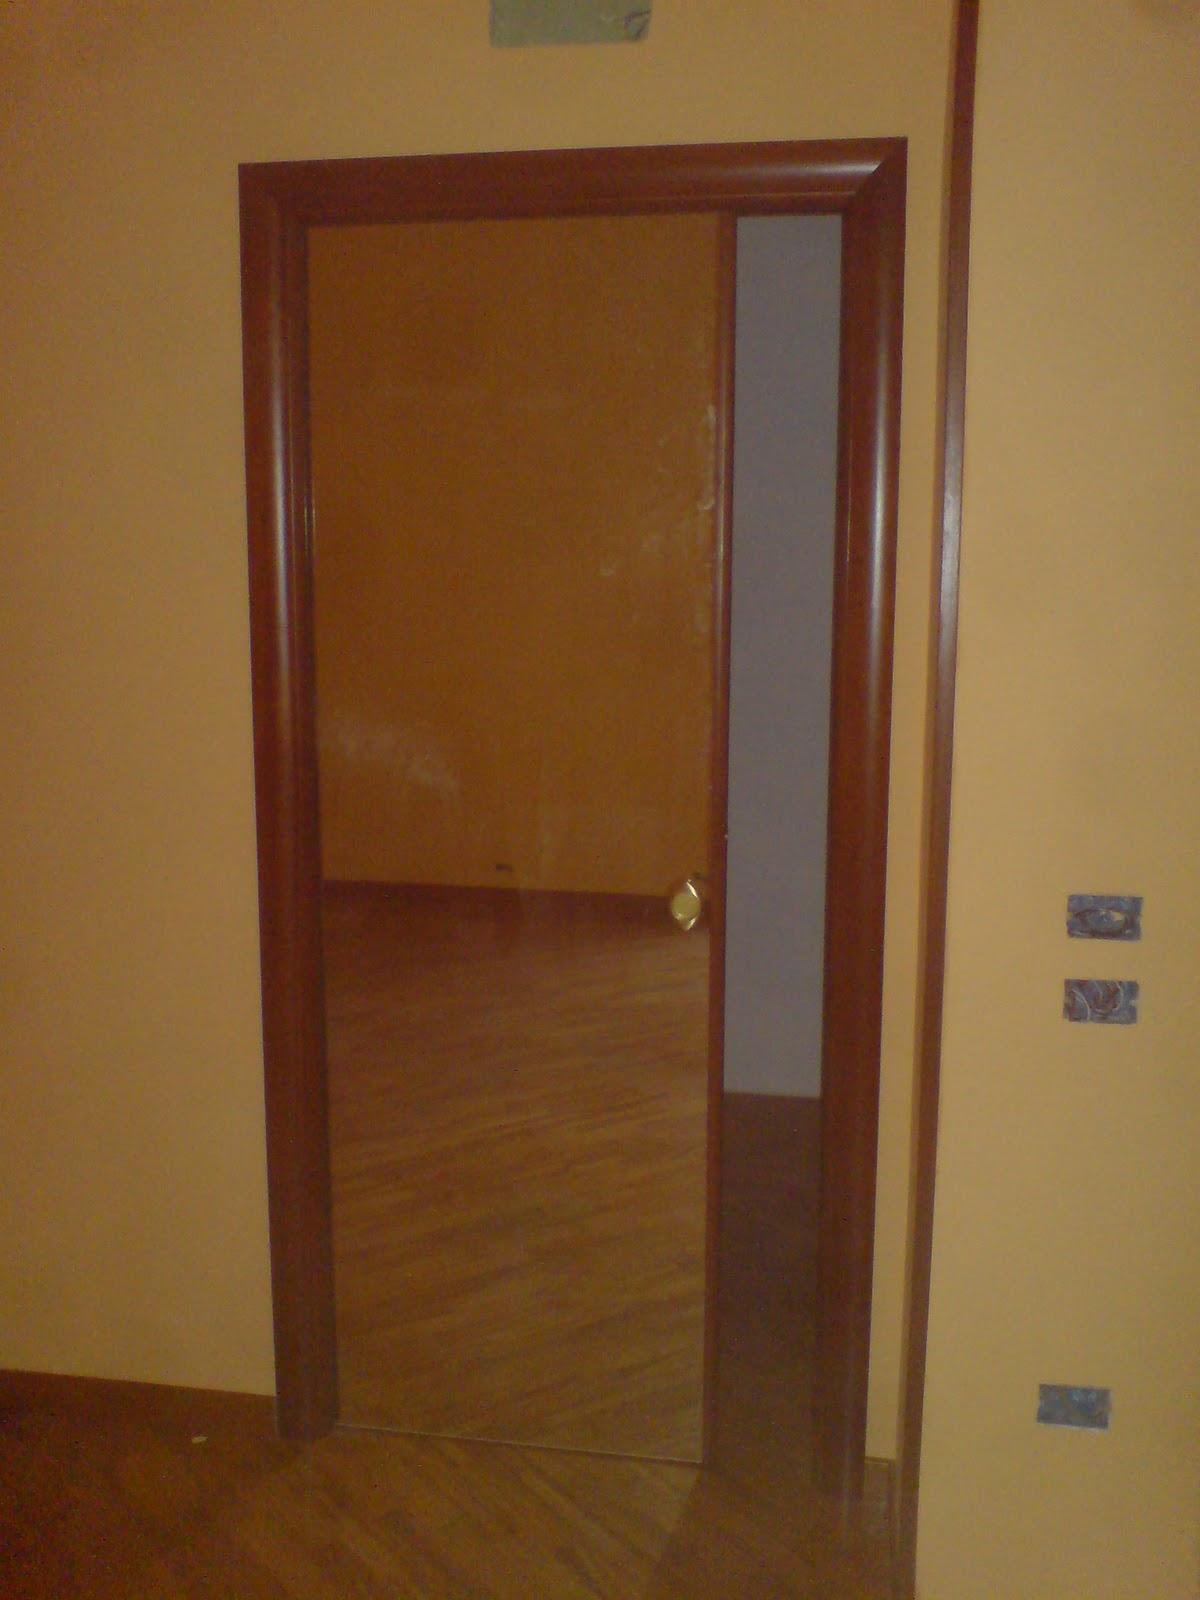 Ilvecchioartigiano porte in noce tanganica color ciliegio telai e mostrine arrotondati - Lo specchio retrovisore centrale ...